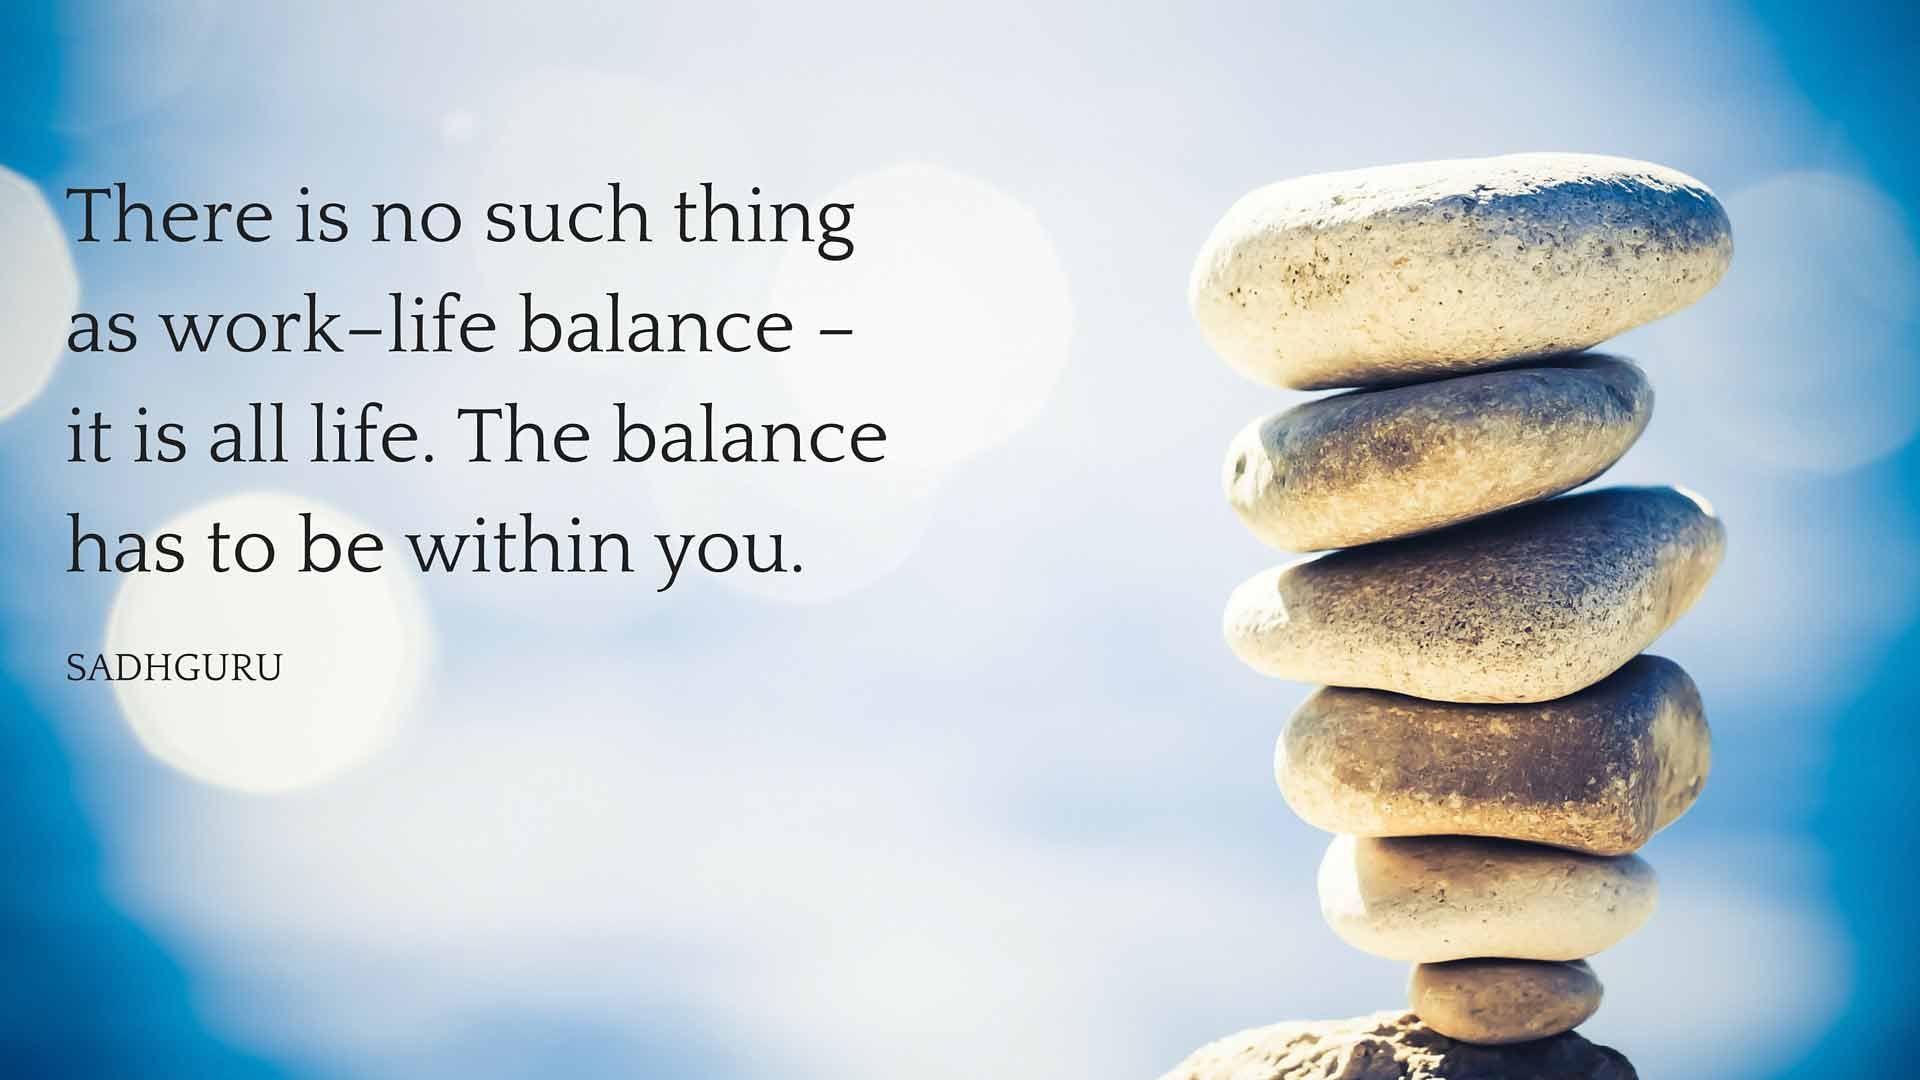 Sadhguru S Quotes On Work Life Balance The Isha Blog Life Balance Quotes Balance Quotes Work Life Balance Quotes